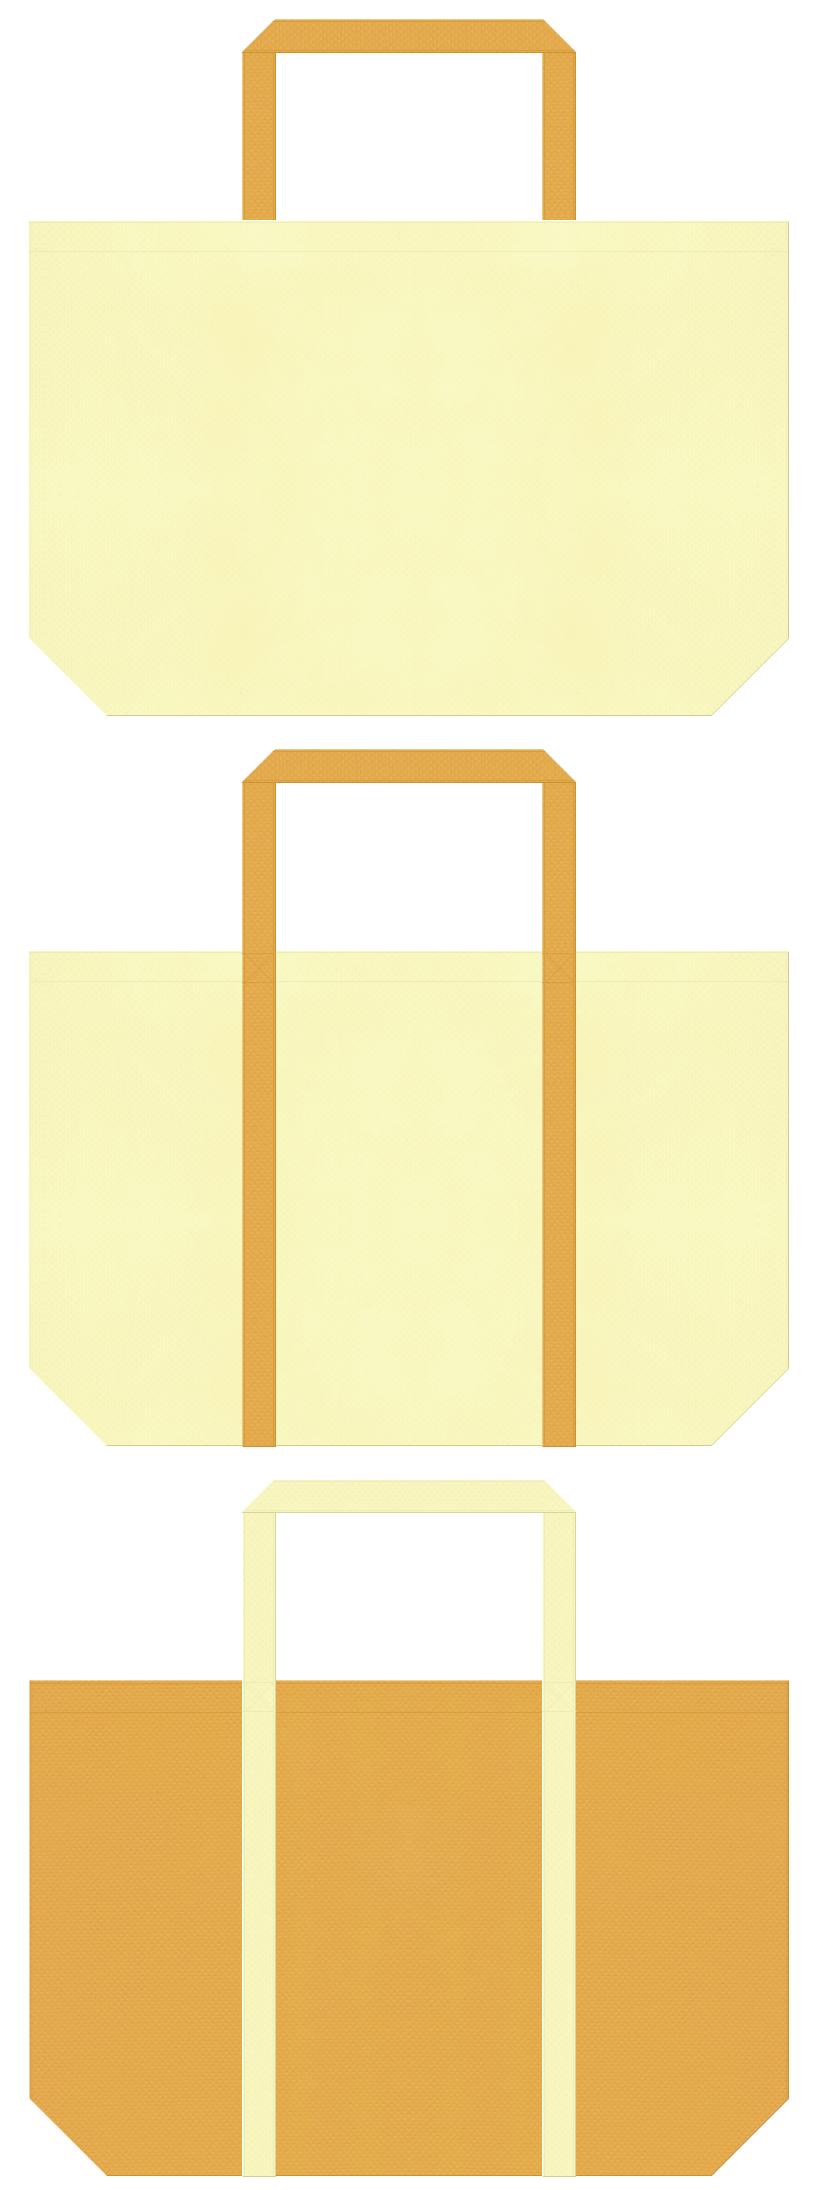 絵本・おとぎ話・テーマパーク・フライドポテト・鯛焼き・どら焼き・クレープ・クッキー・マーガリン・ホットケーキ・チーズタルト・チーズケーキ・お菓子の家・スイーツ・ベーカリー・和菓子にお奨めの不織布バッグデザイン:薄黄色と黄土色のコーデ